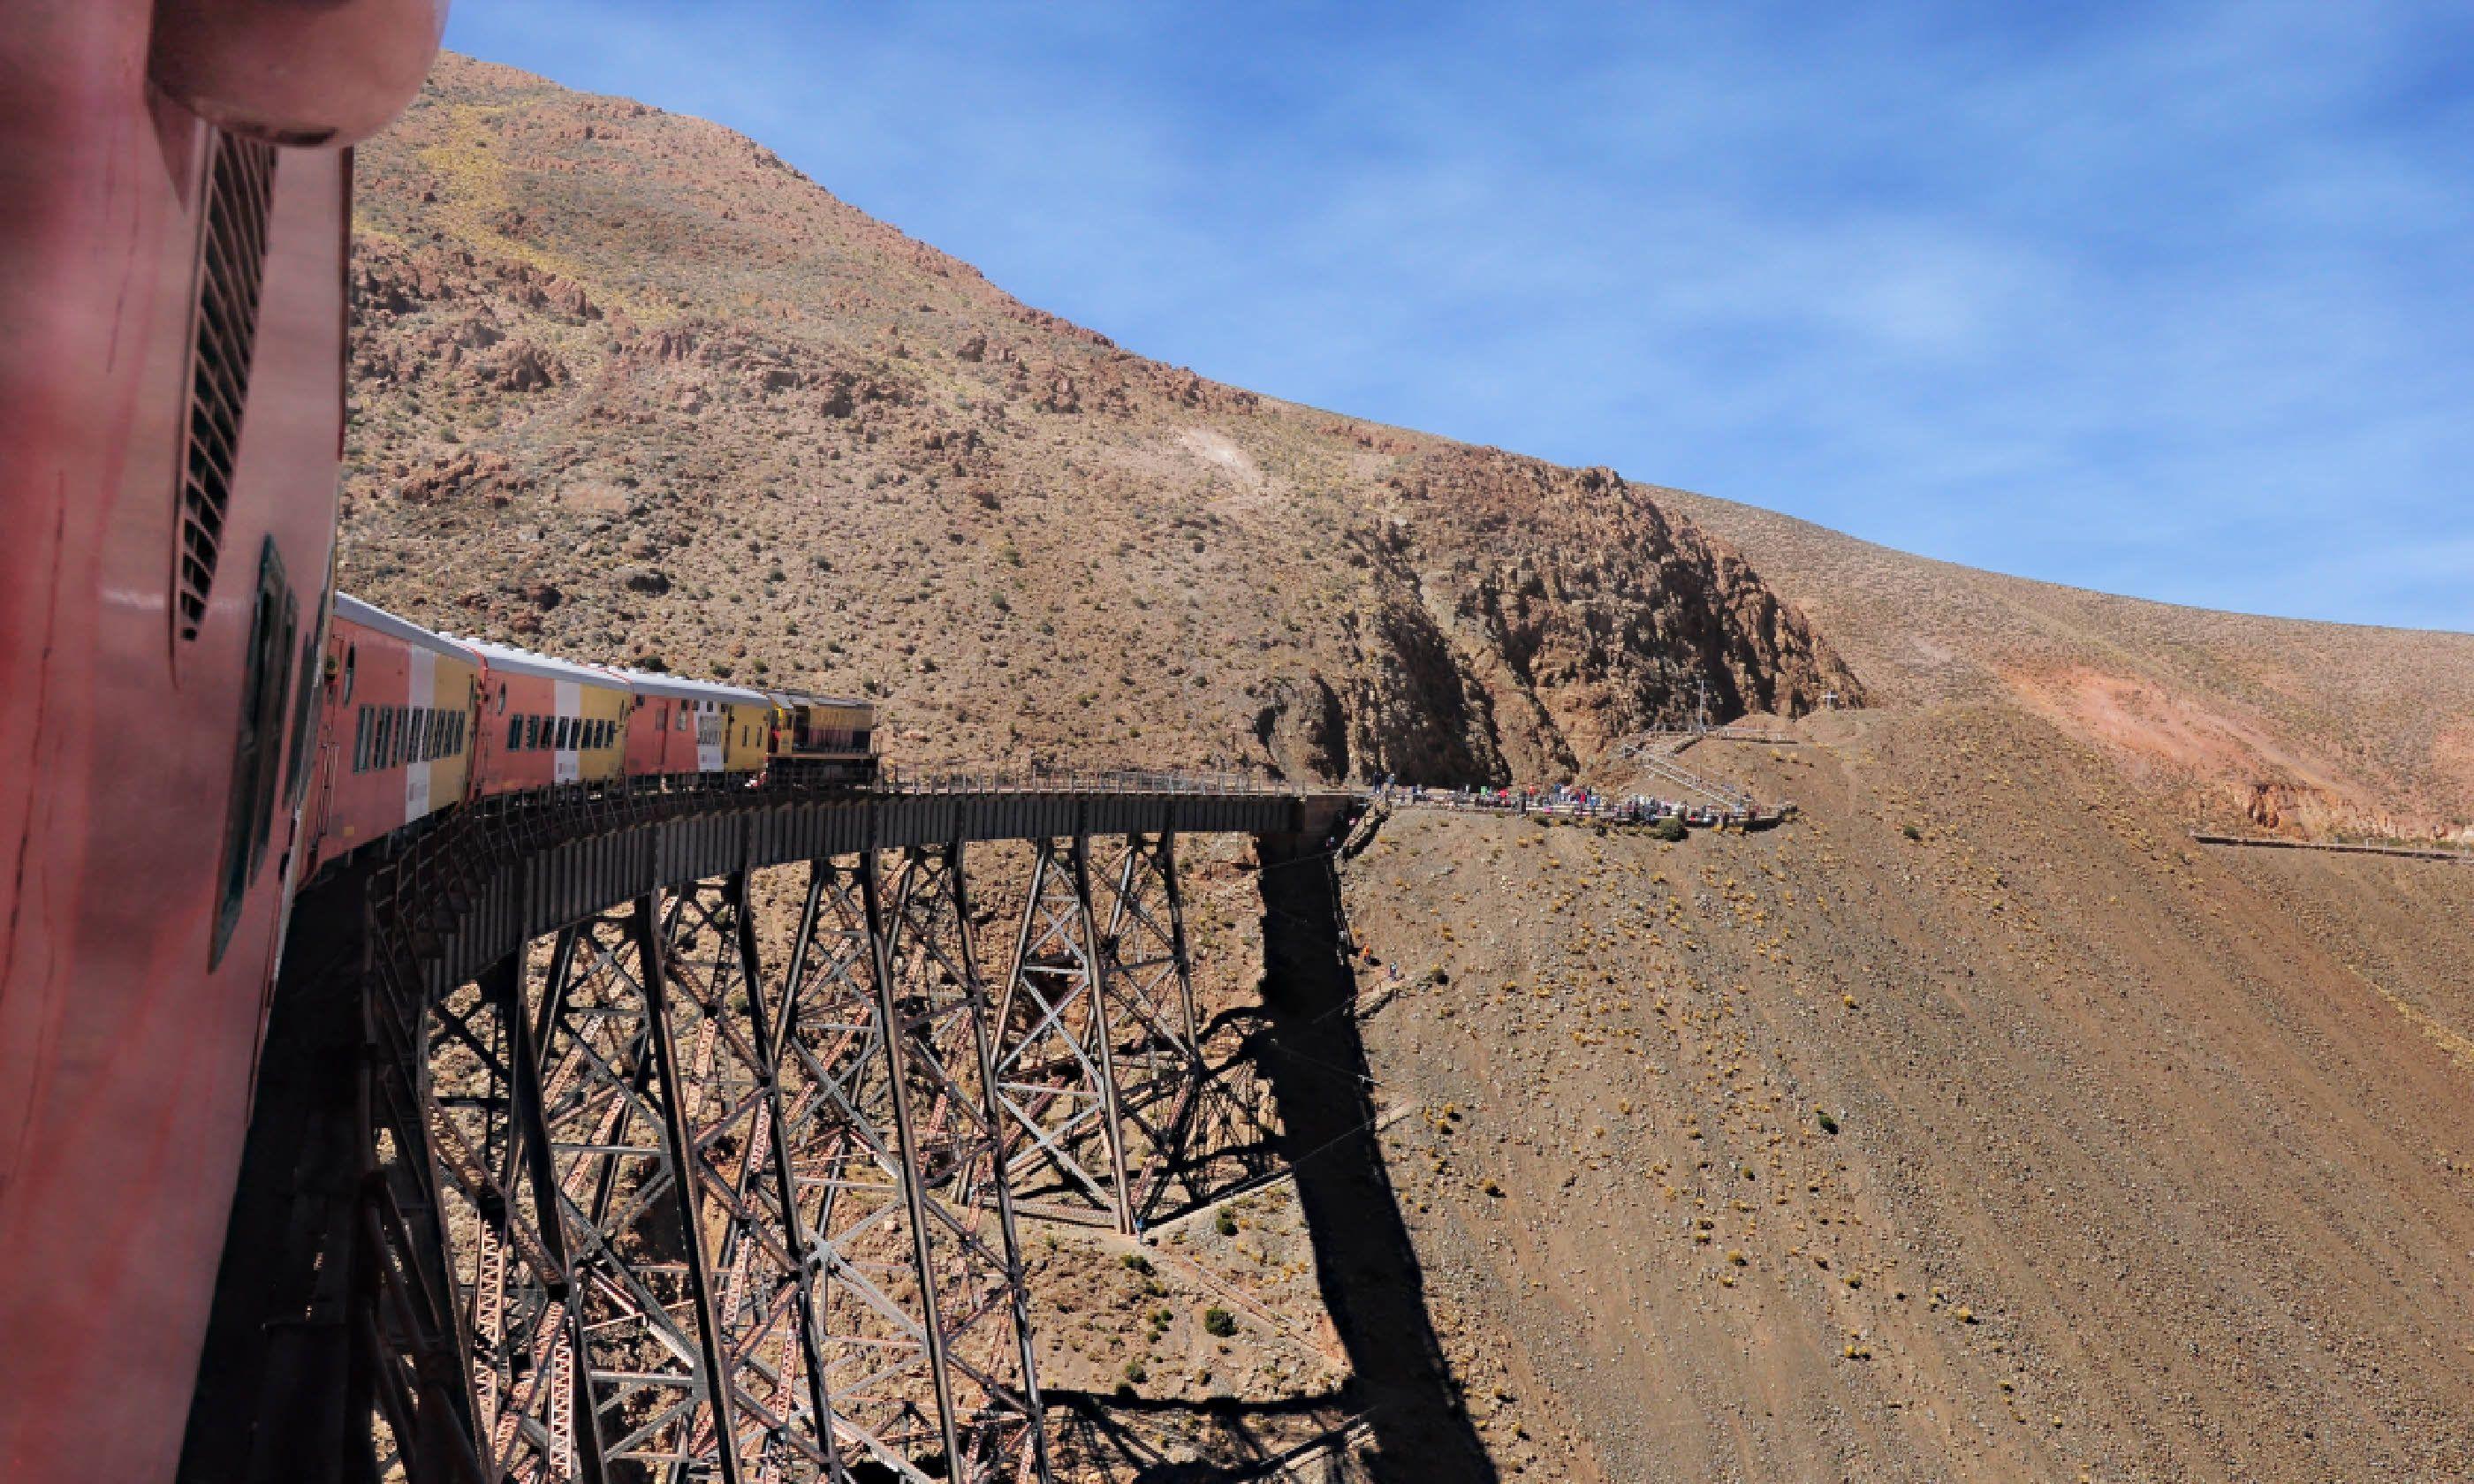 La Polvorilla viaduct (Shutterstock)